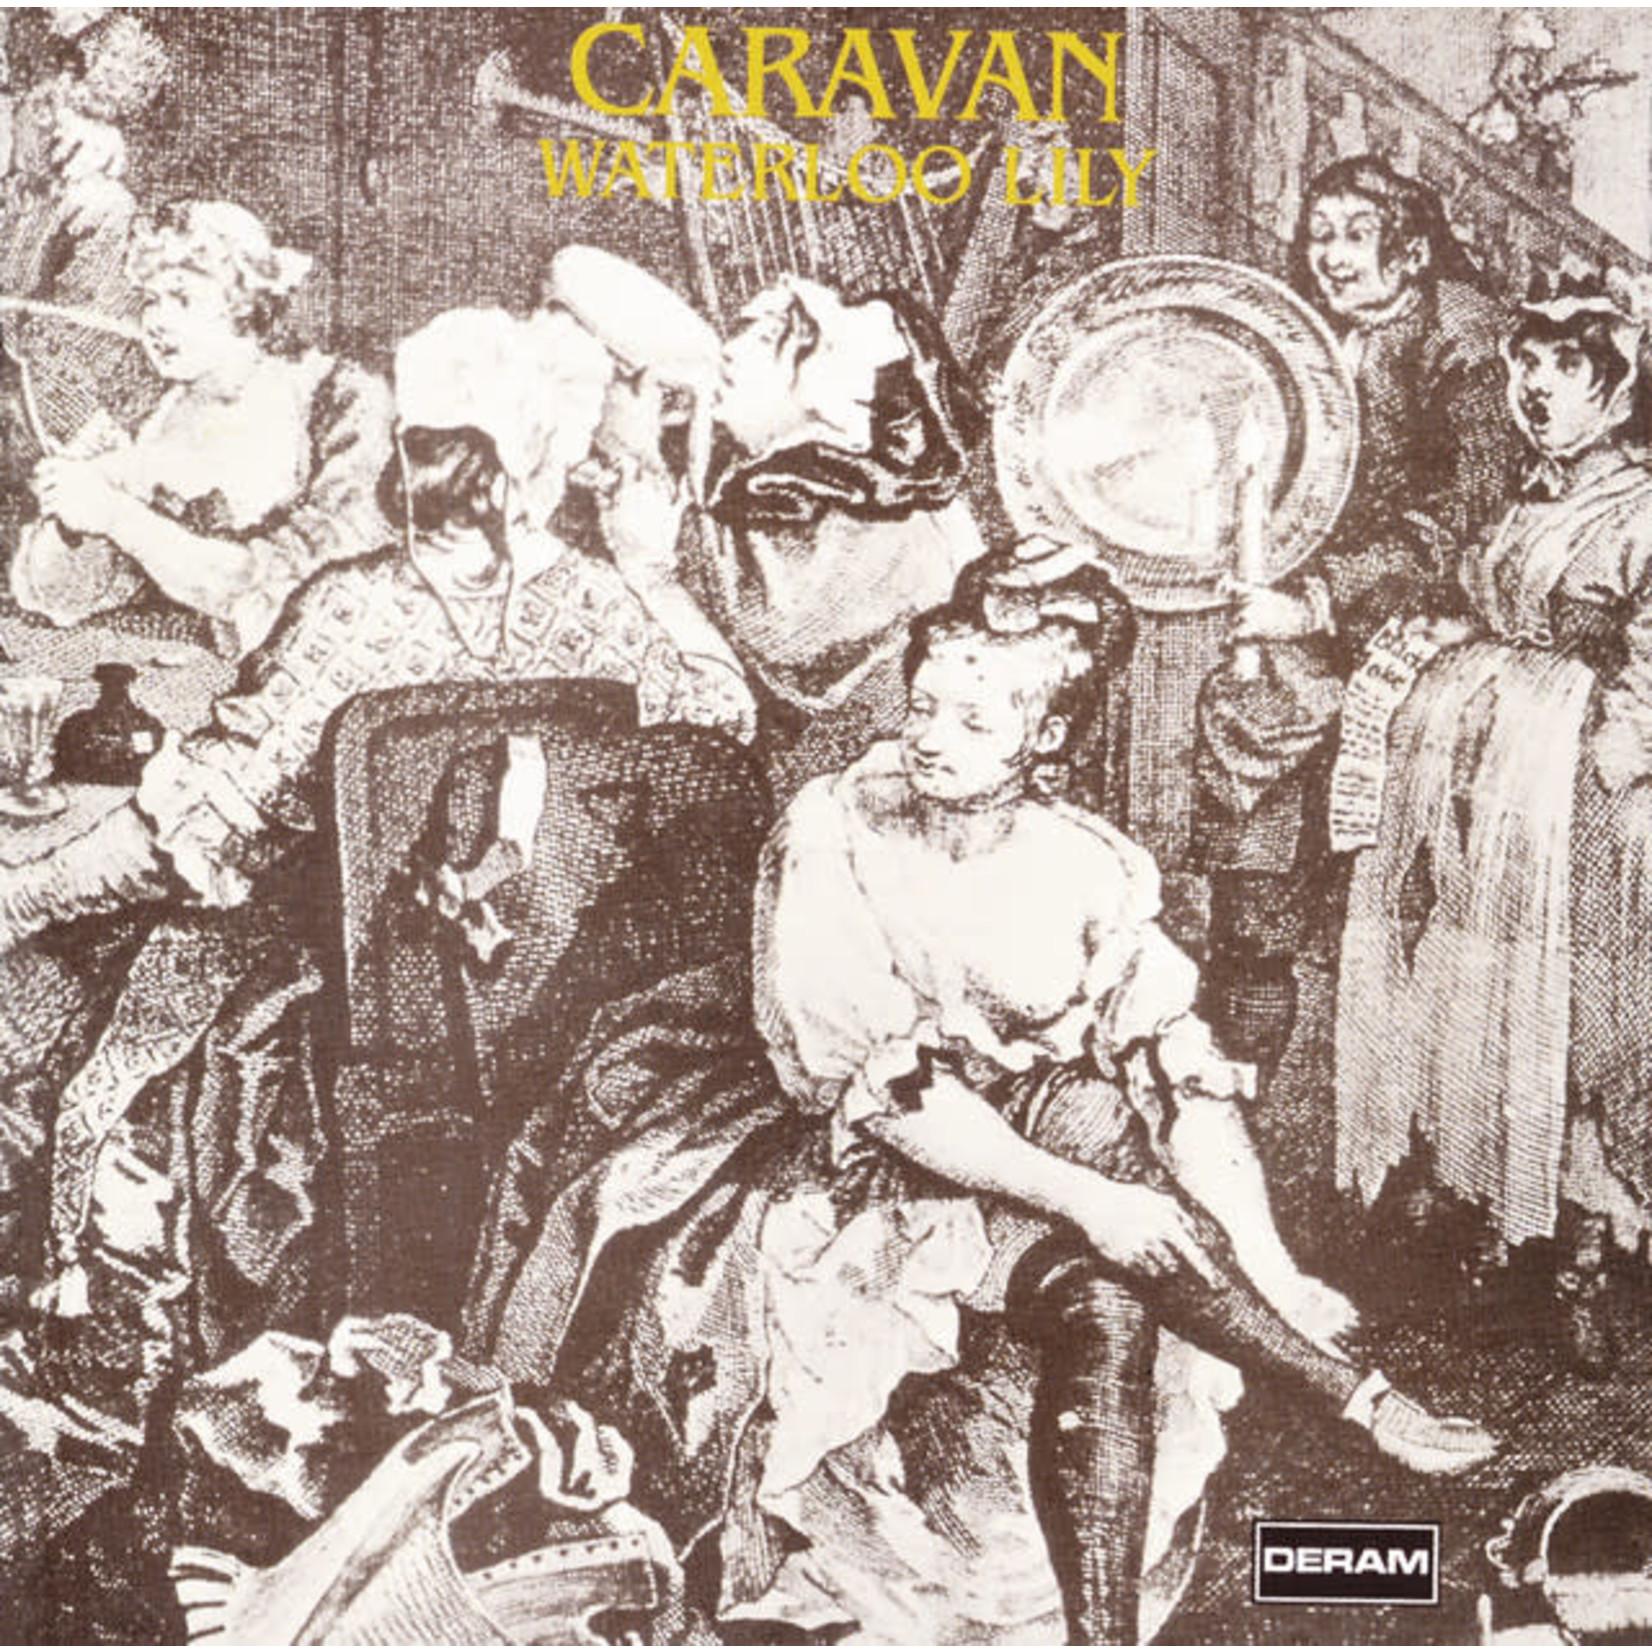 Vinyl Caravan - Waterloo Lily